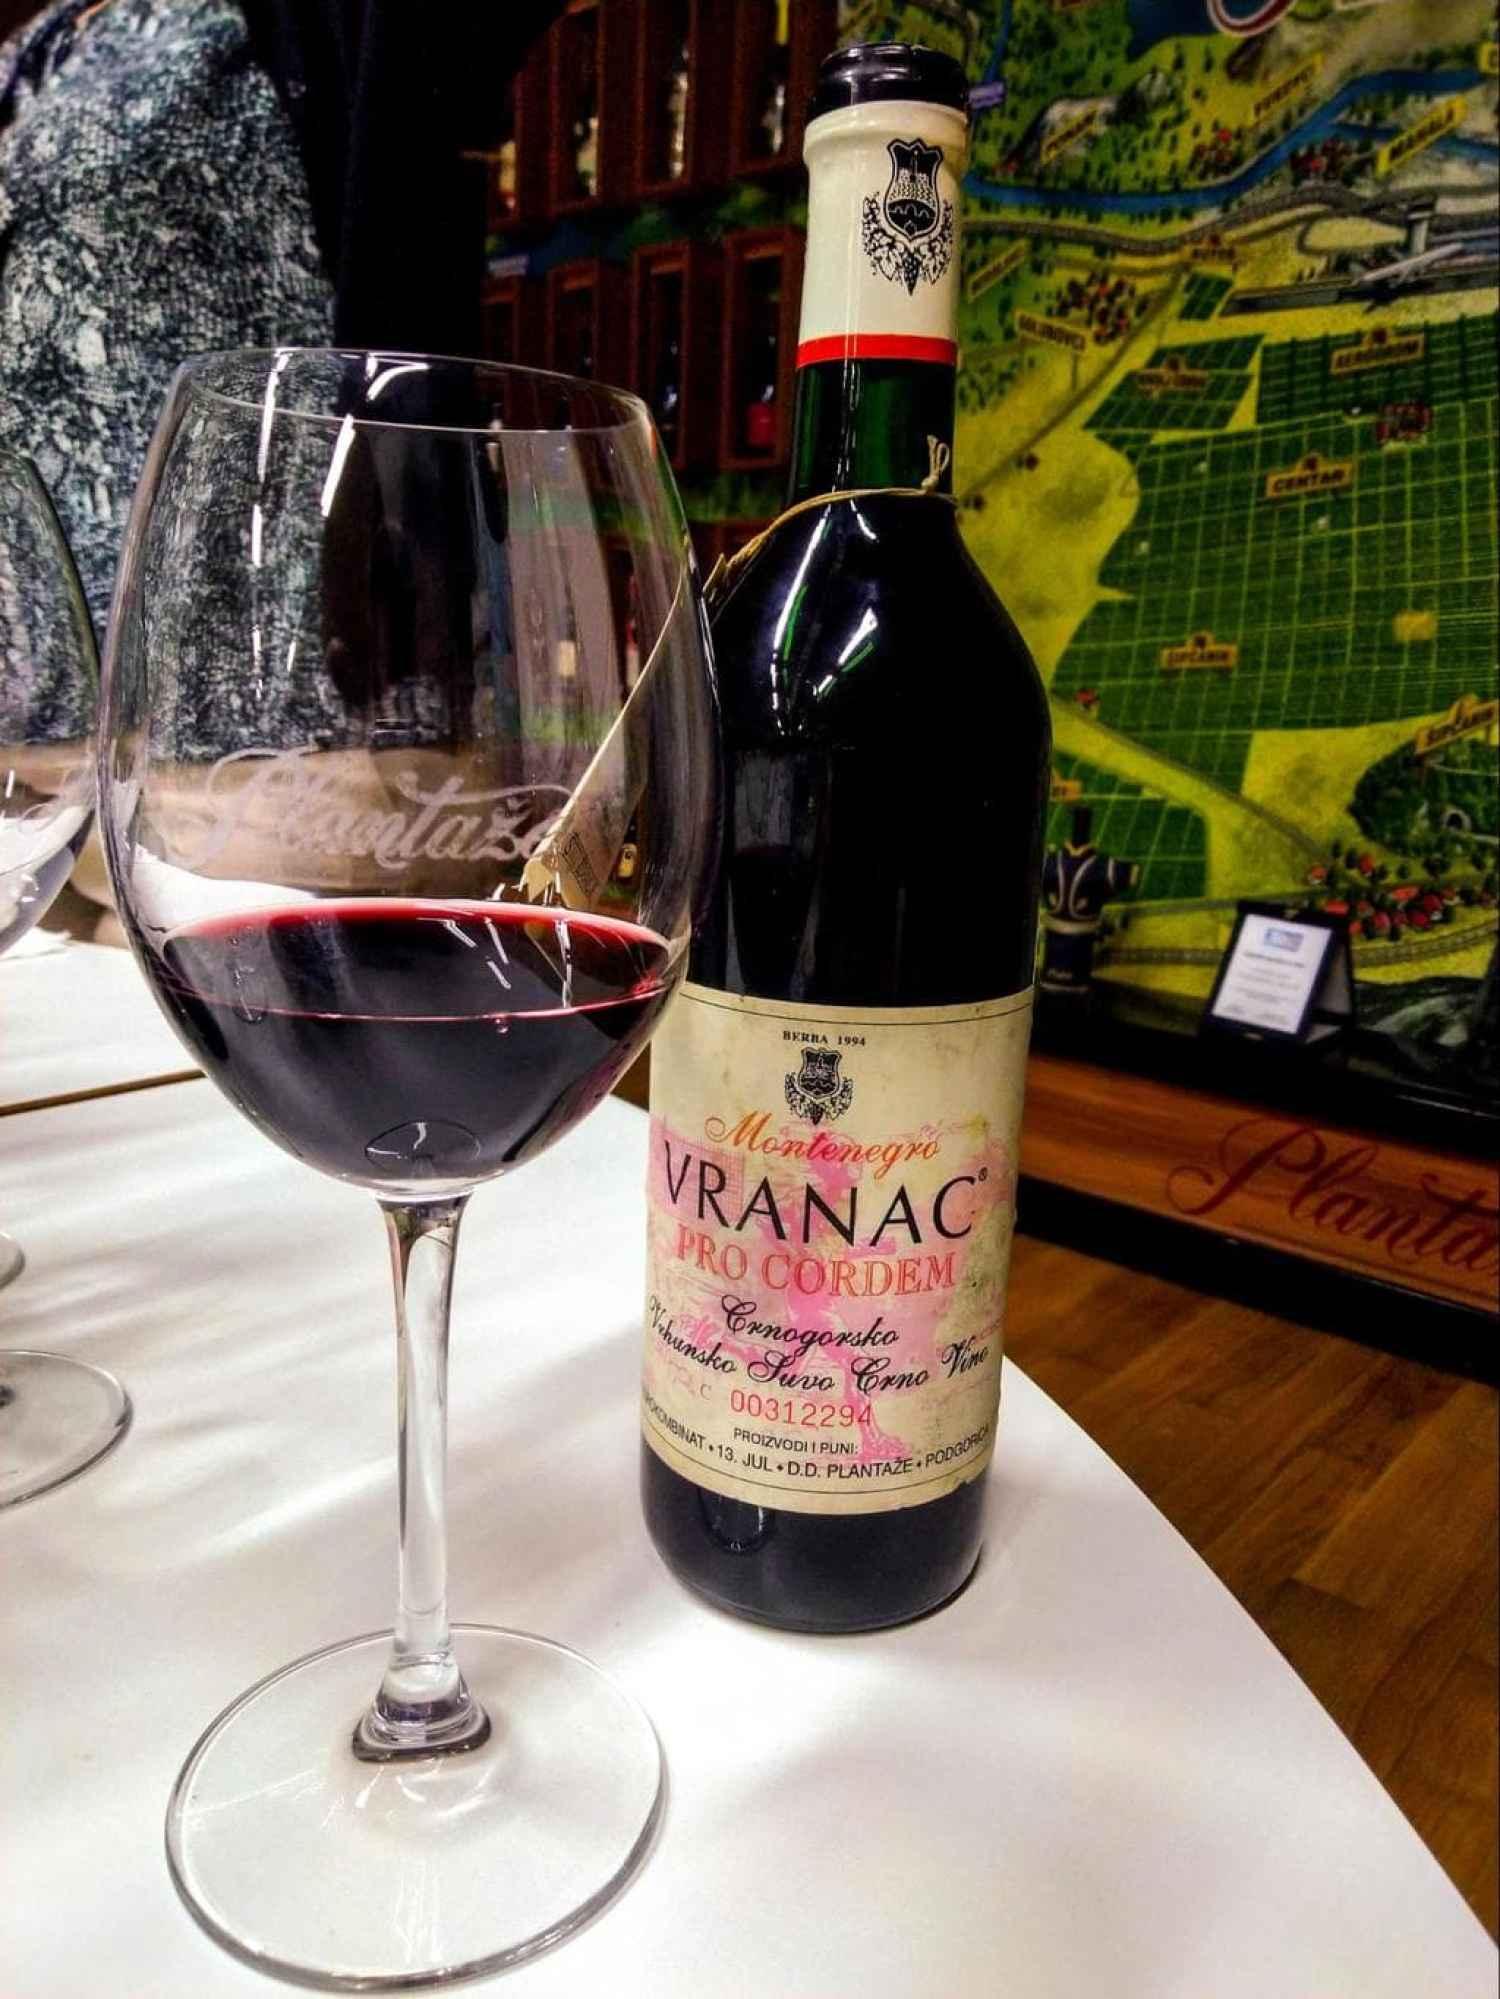 Montenegrin vranac wine